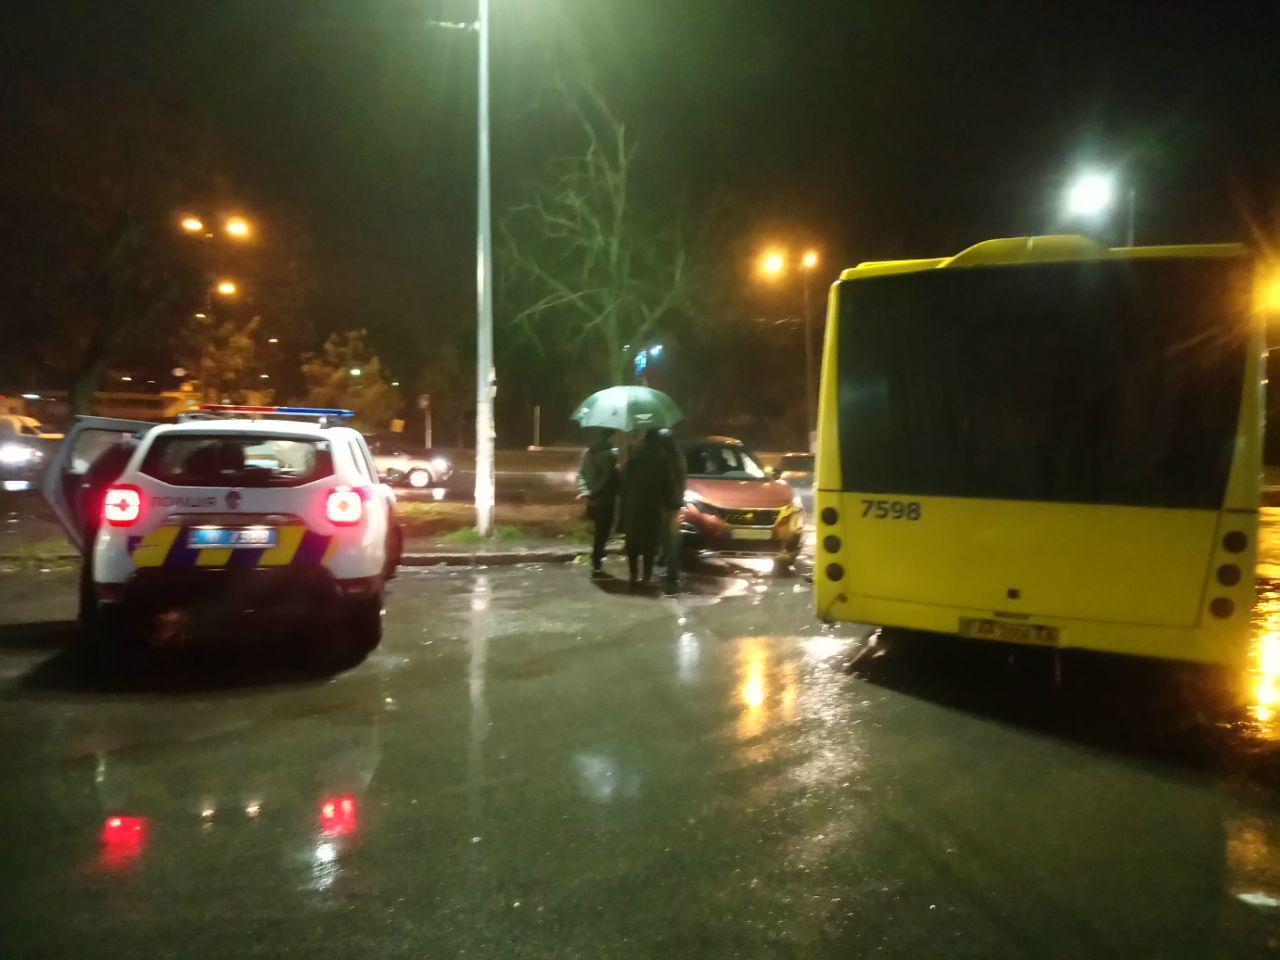 Курйозна ДТП: автобус не зміг об'їхати героя парковки - паркування, ДТП, автобус - IMG 20201120 194520 465